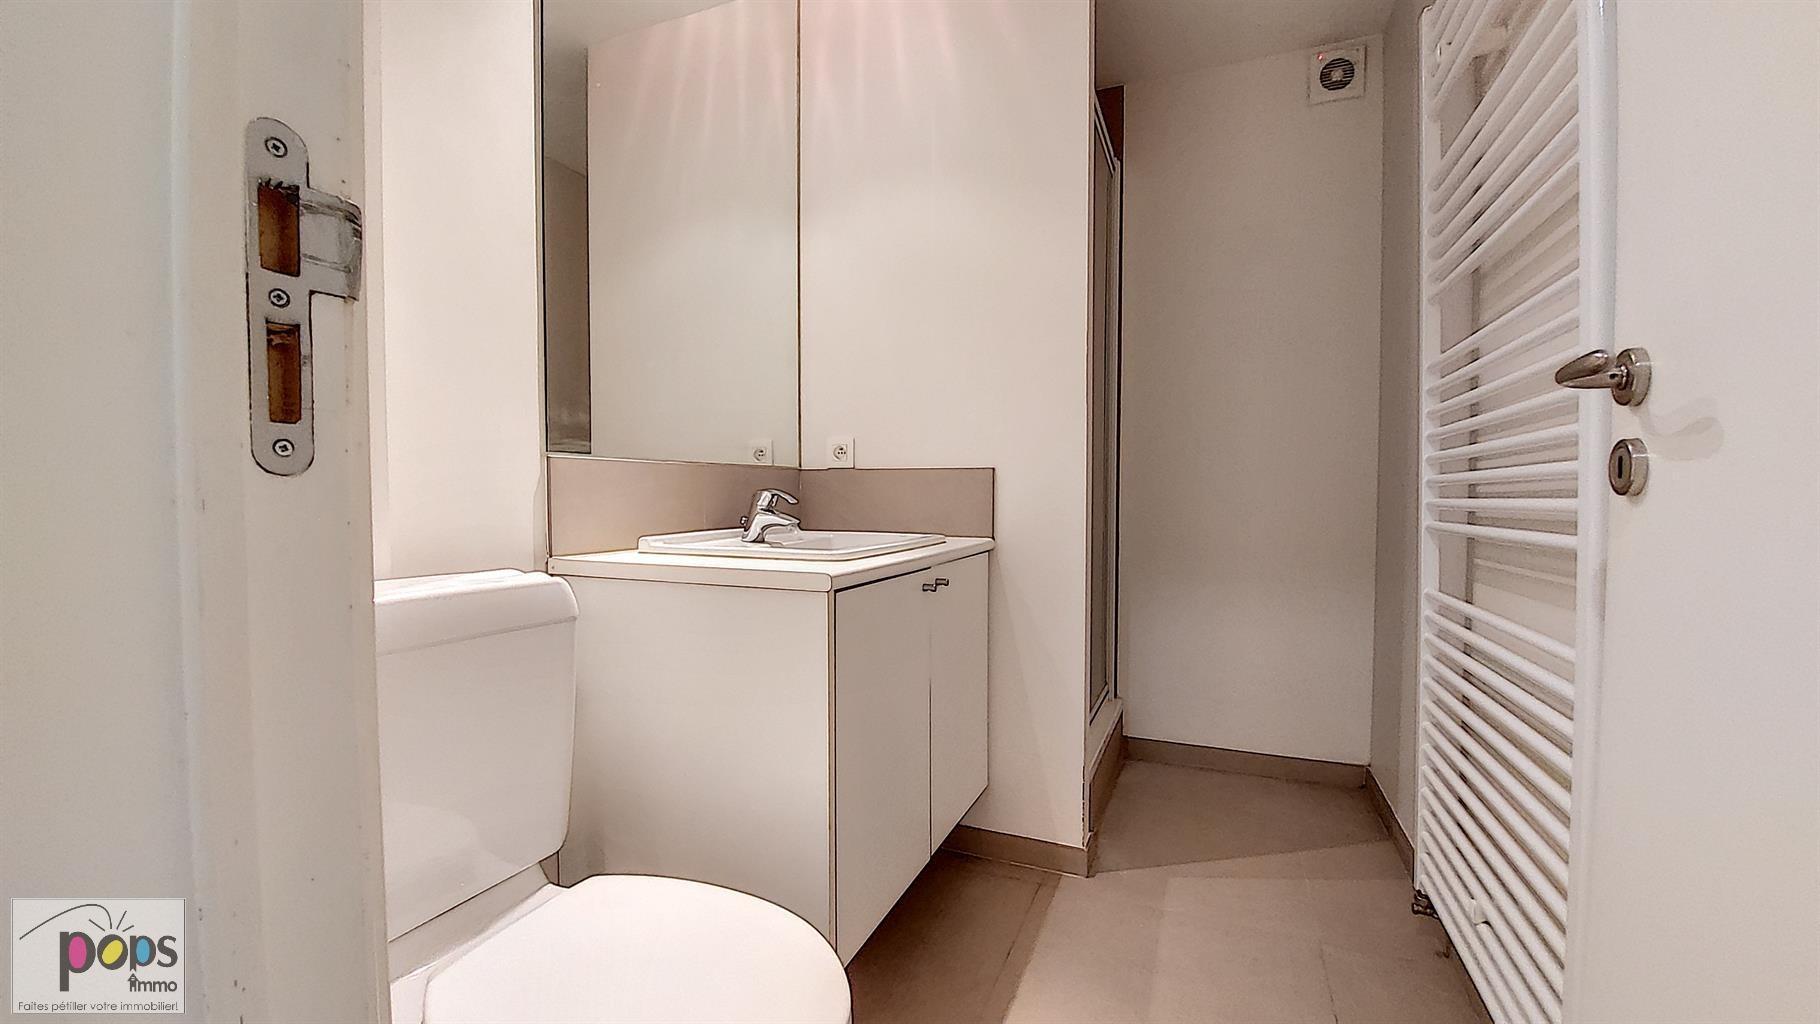 Appartement - Ixelles - #4388996-14